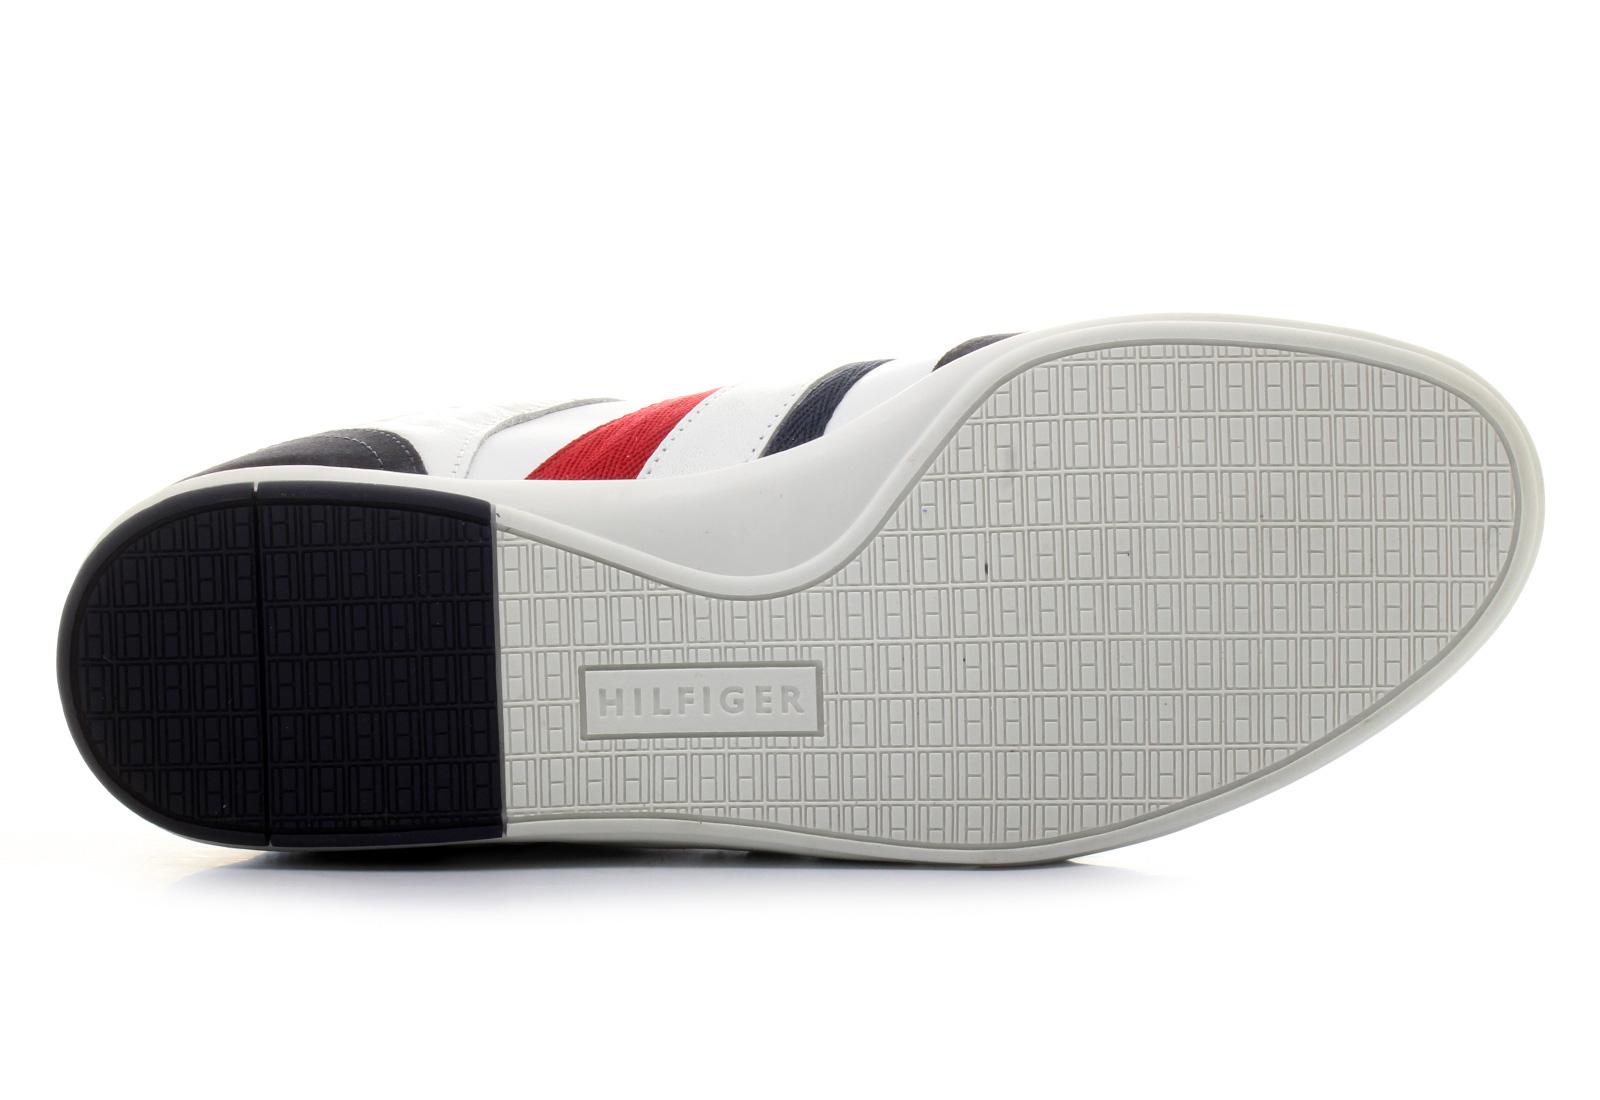 Tommy Hilfiger Cipő - Costa 2c - 15S-8980-611 - Office Shoes ... d6d7b4be29